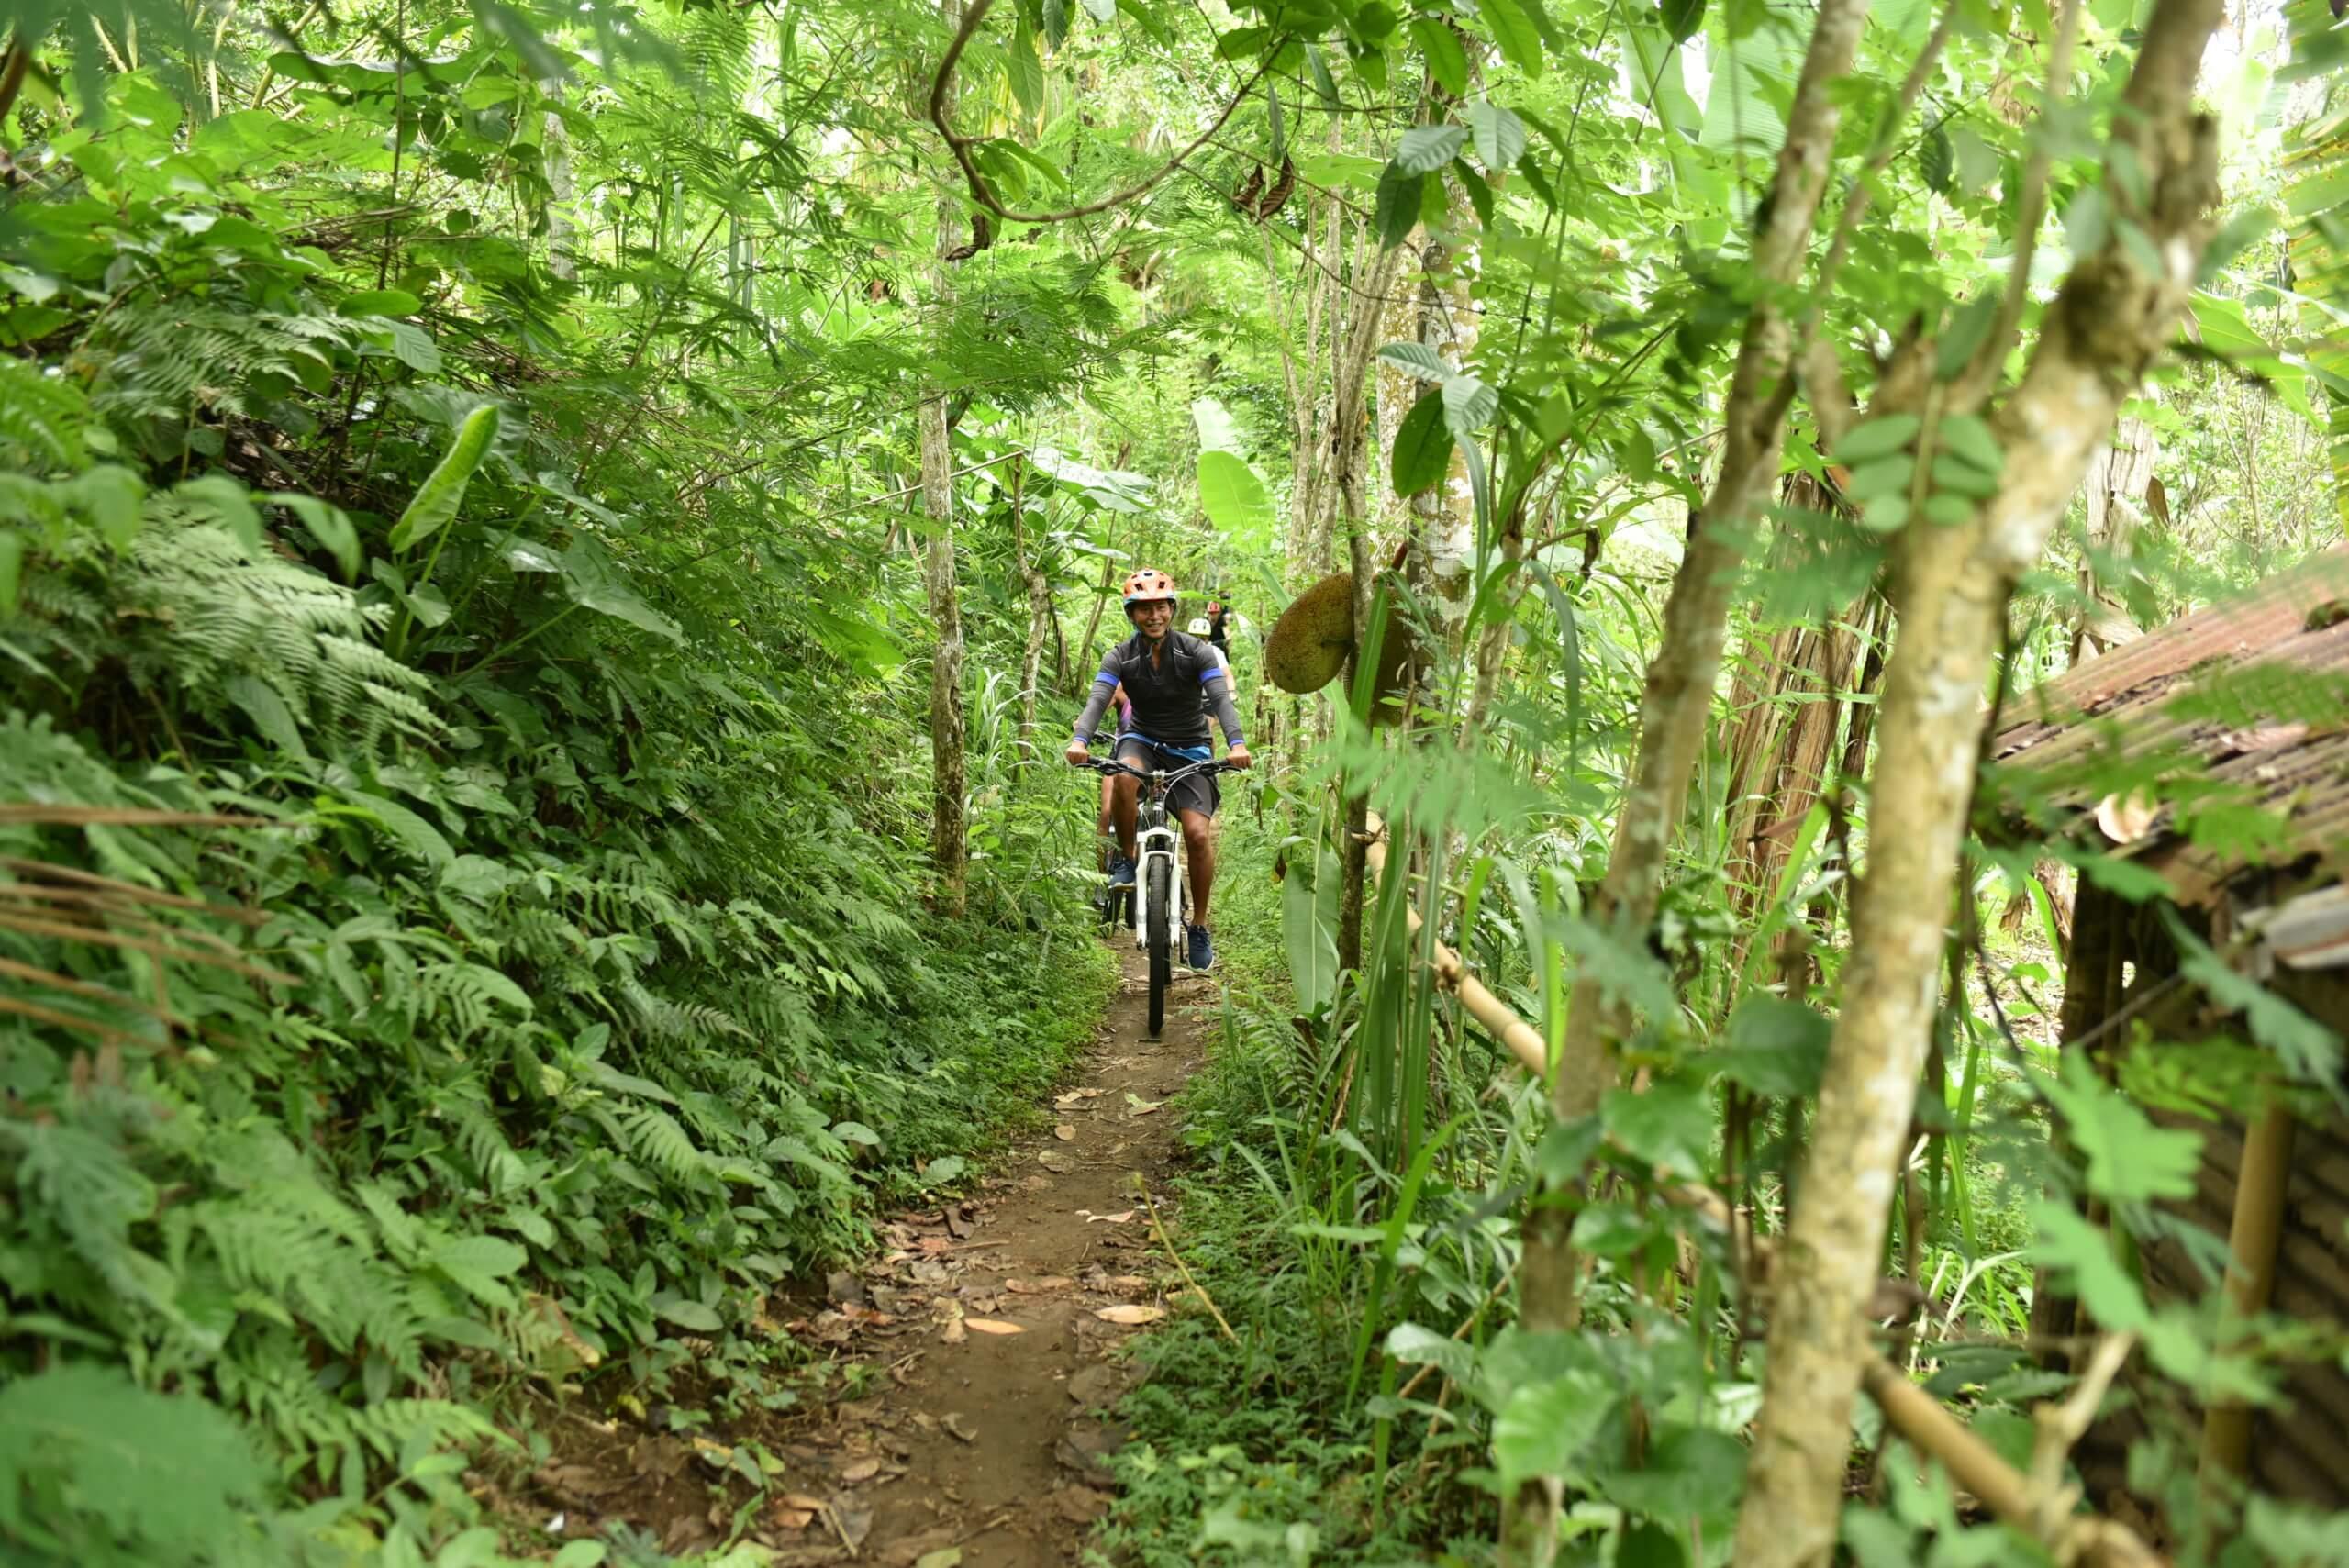 Ballade en vélo au milieu de la végétation